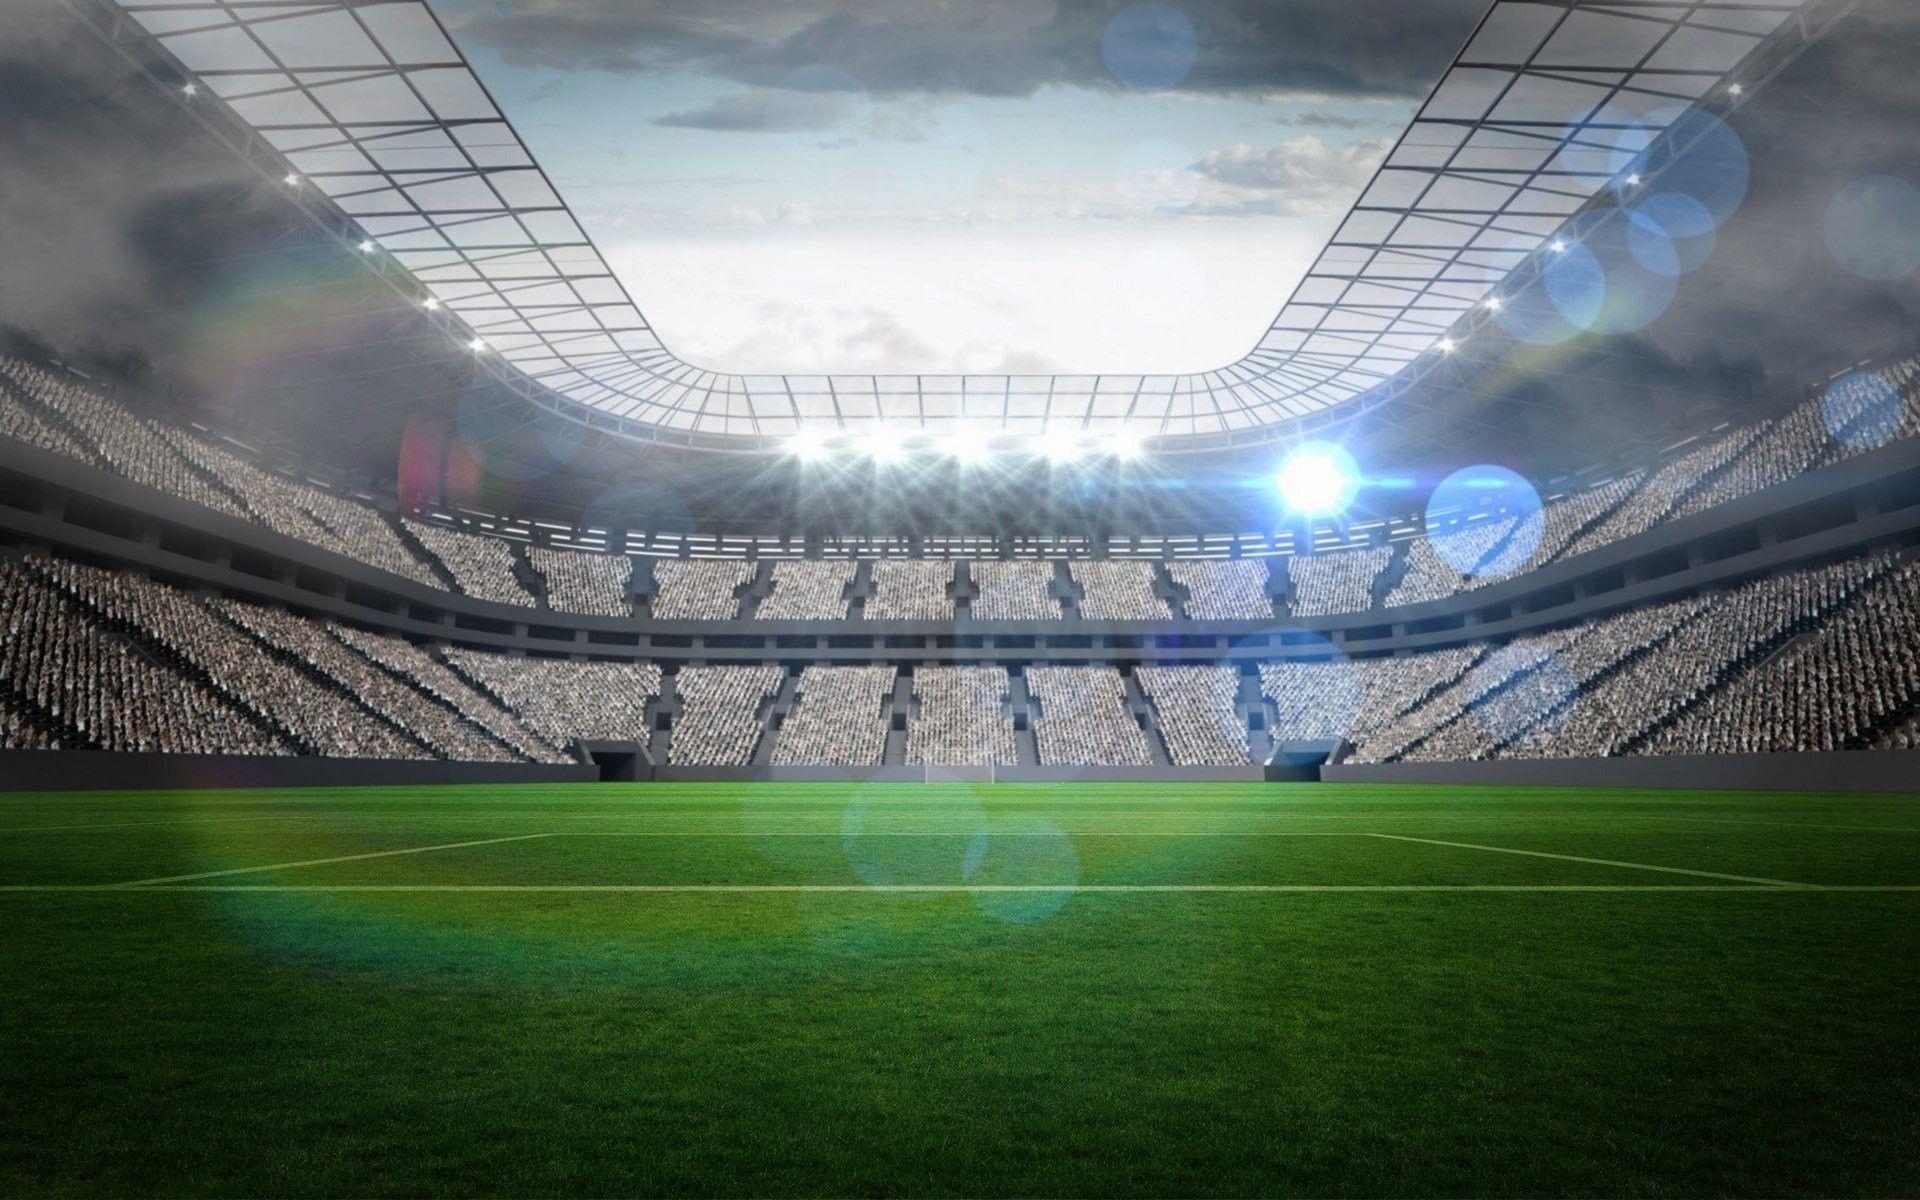 1920x1200 Hd Wallpaper Background Id 510026 Stadium Wallpaper Football Stadium Wallpaper Football Stadiums